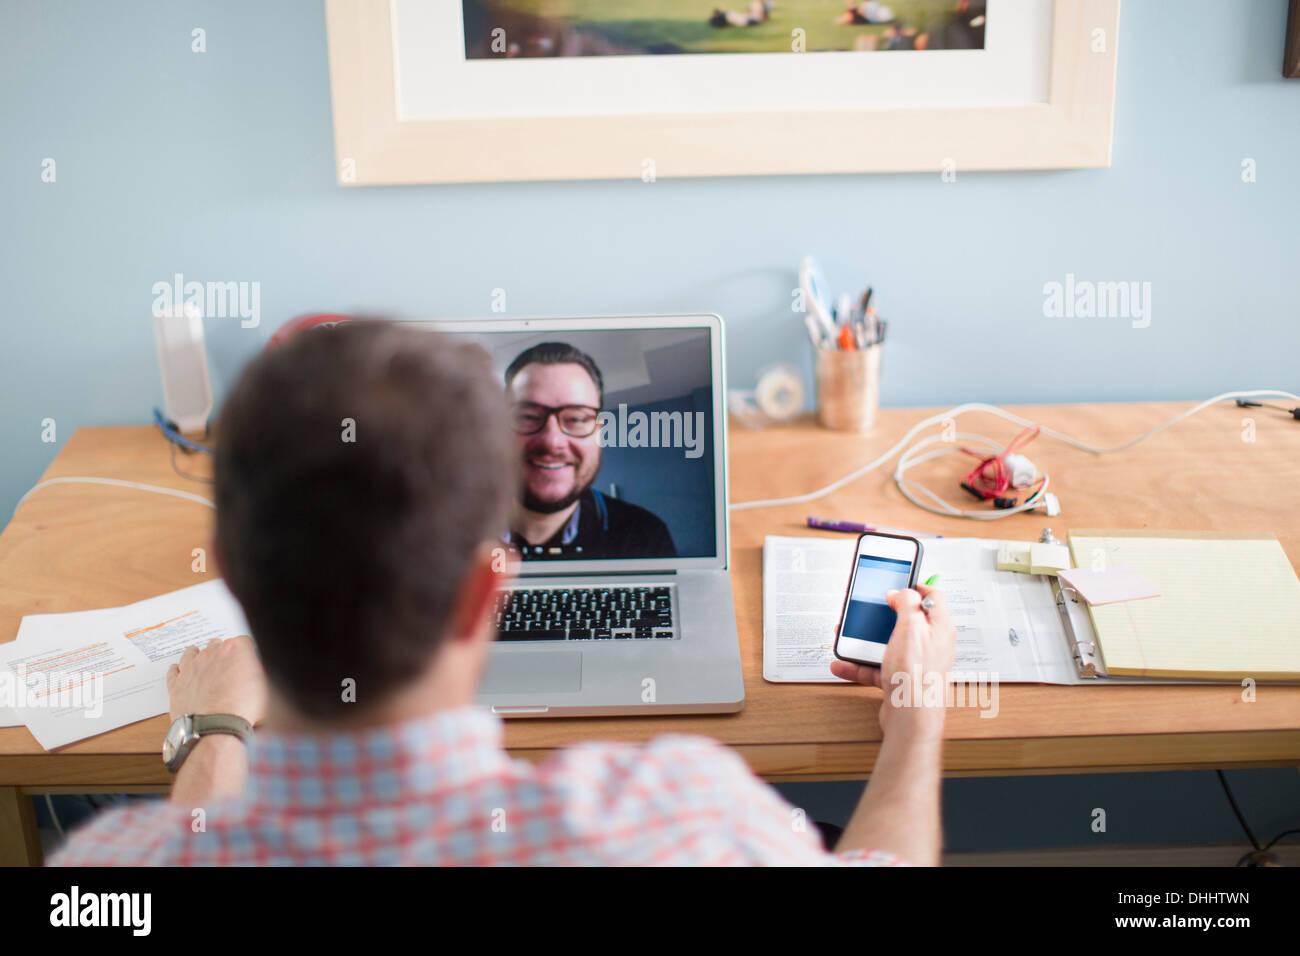 Uomo seduto alla scrivania facendo chiamata video Immagini Stock